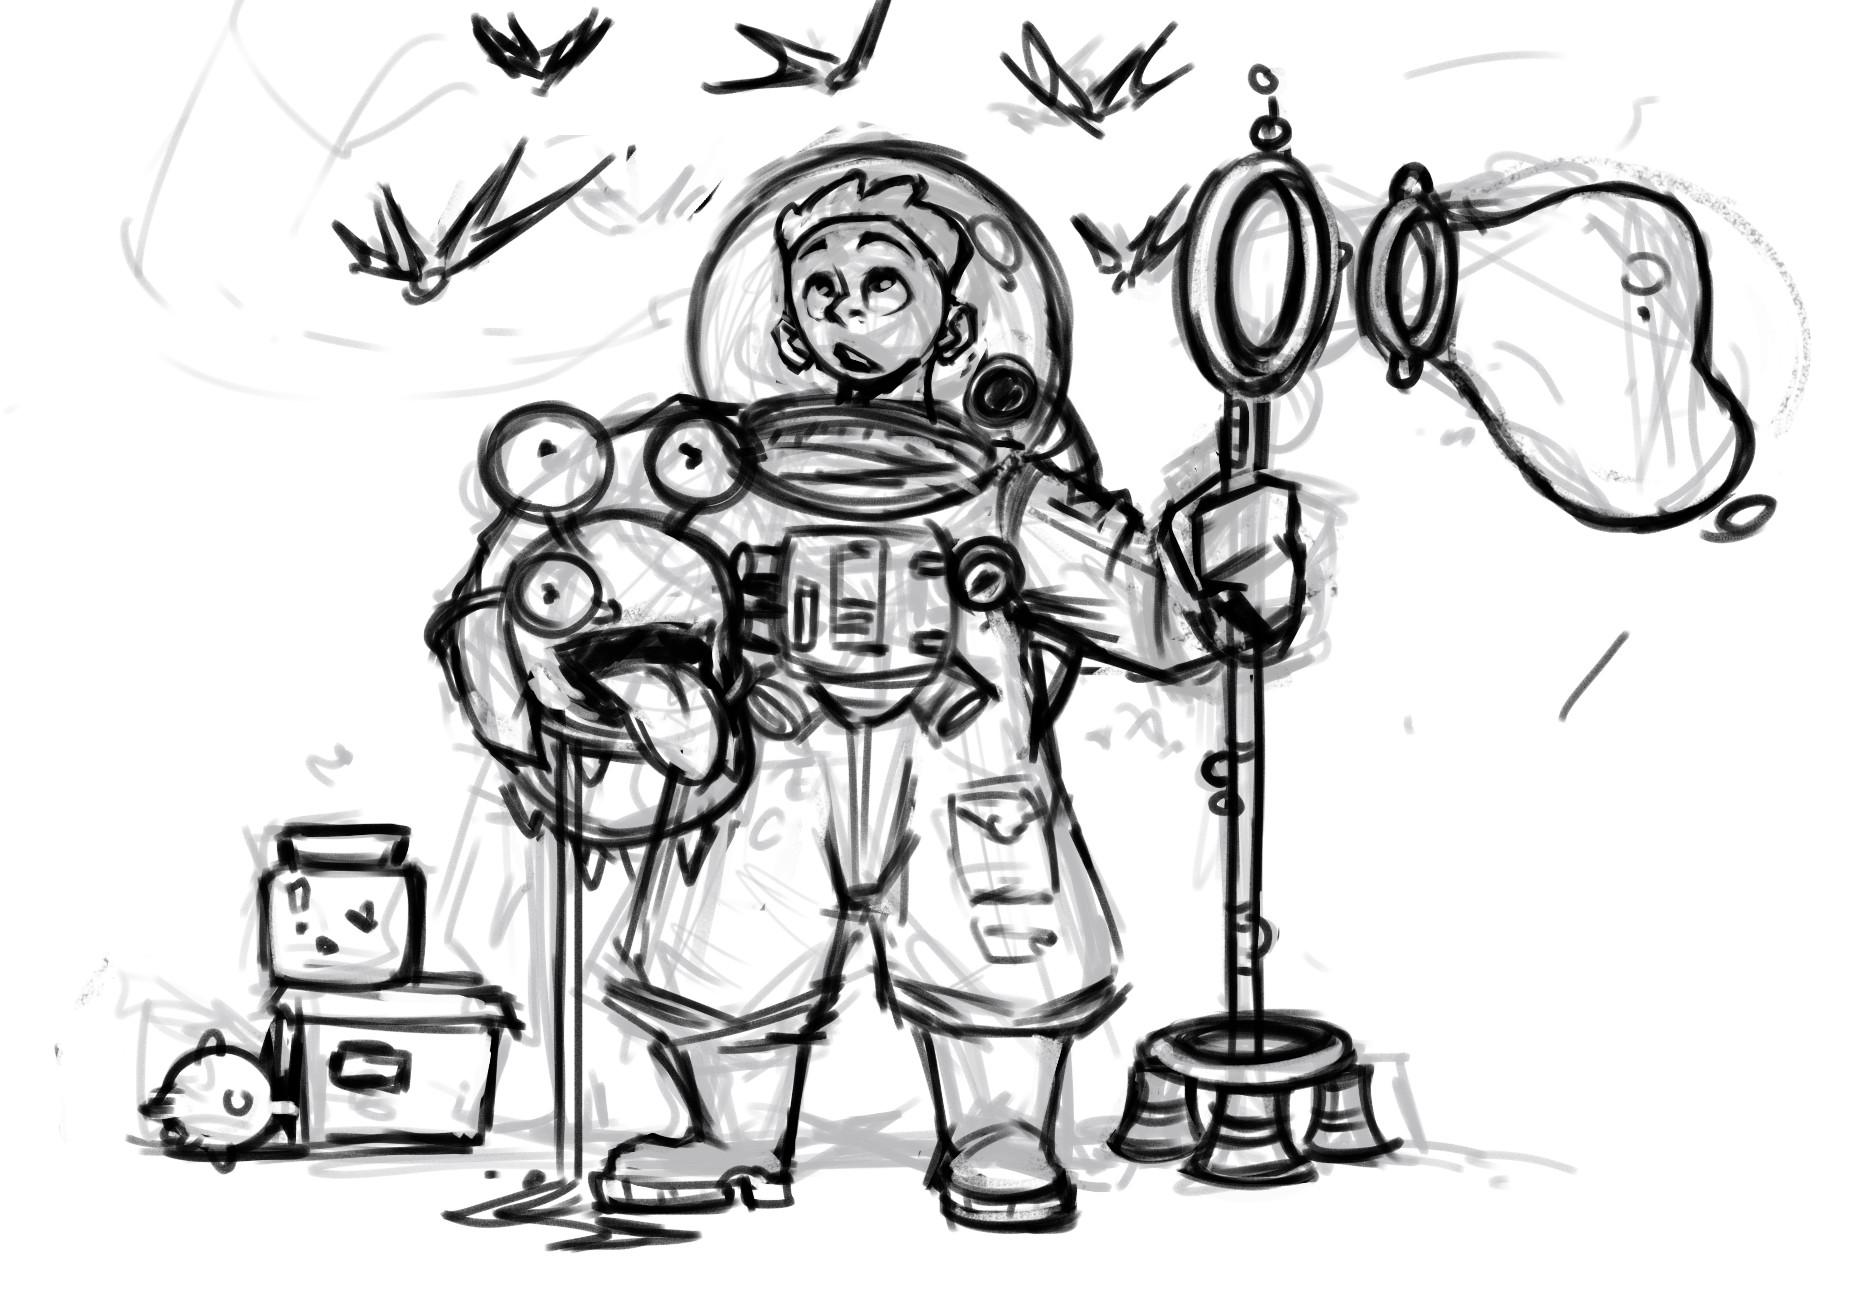 Anthea zammit bubble boy sketch